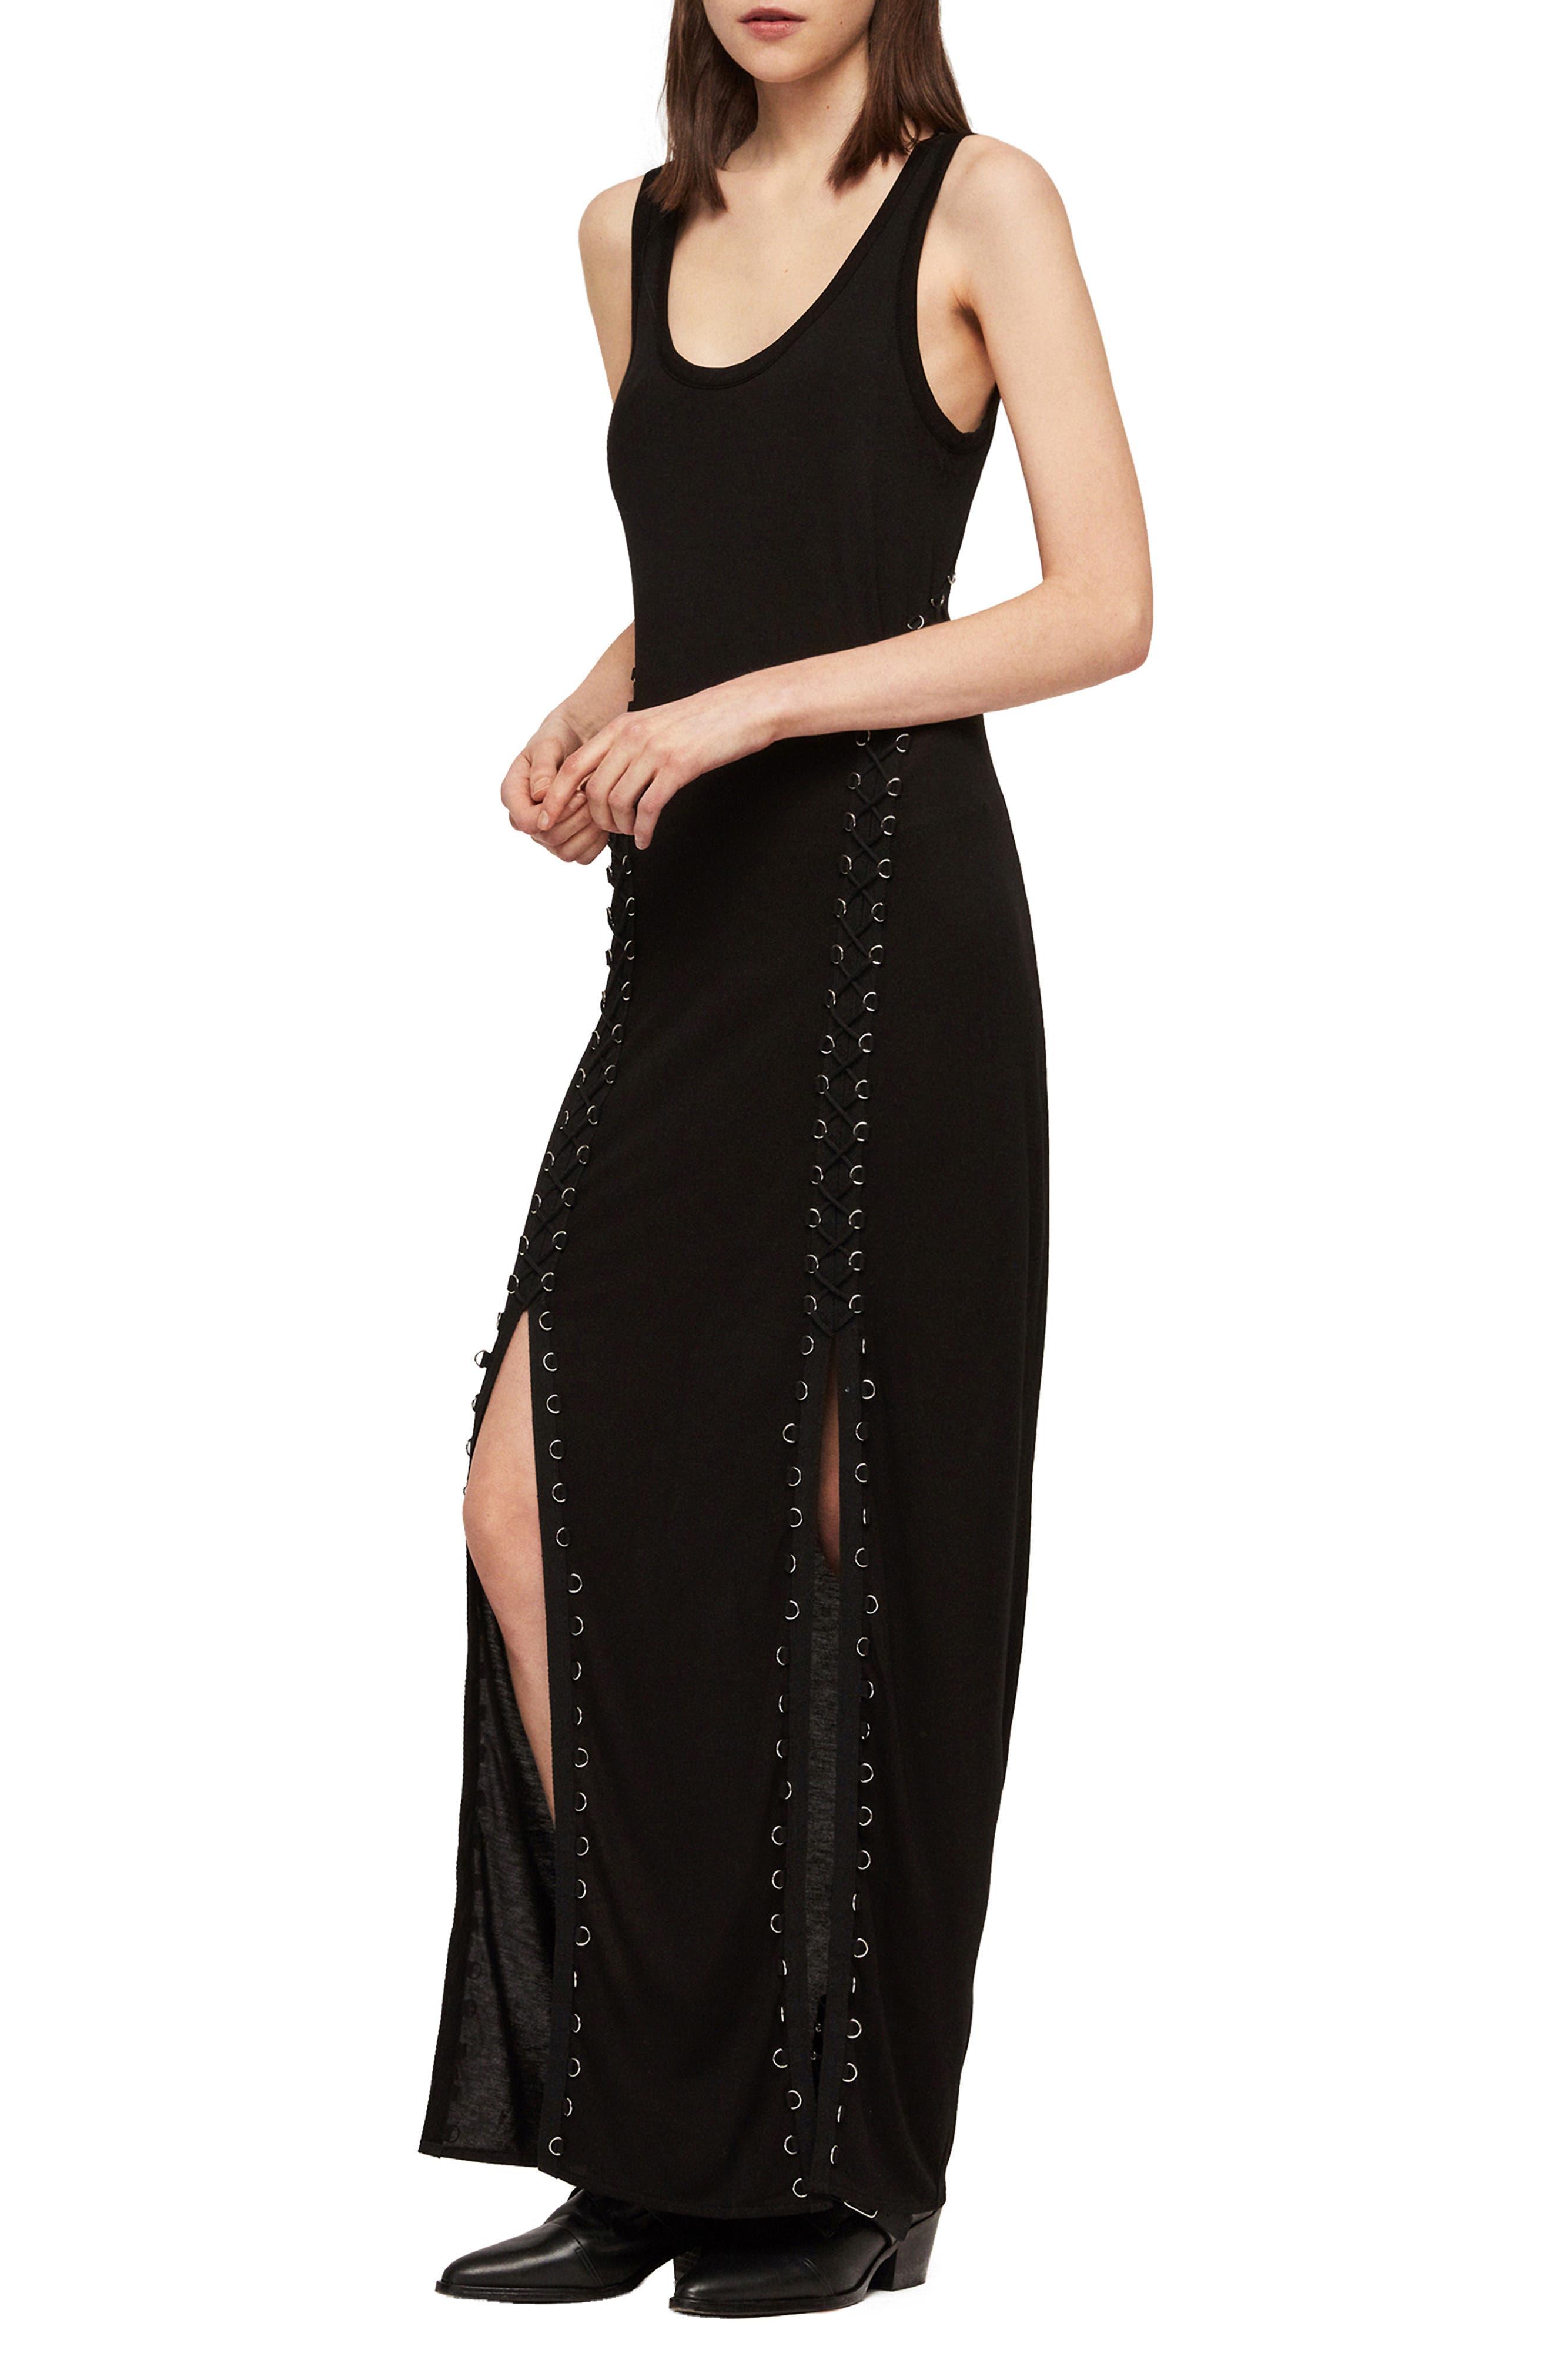 ALLSAINTS, Daner Lace-Up Side Maxi Dress, Alternate thumbnail 3, color, BLACK